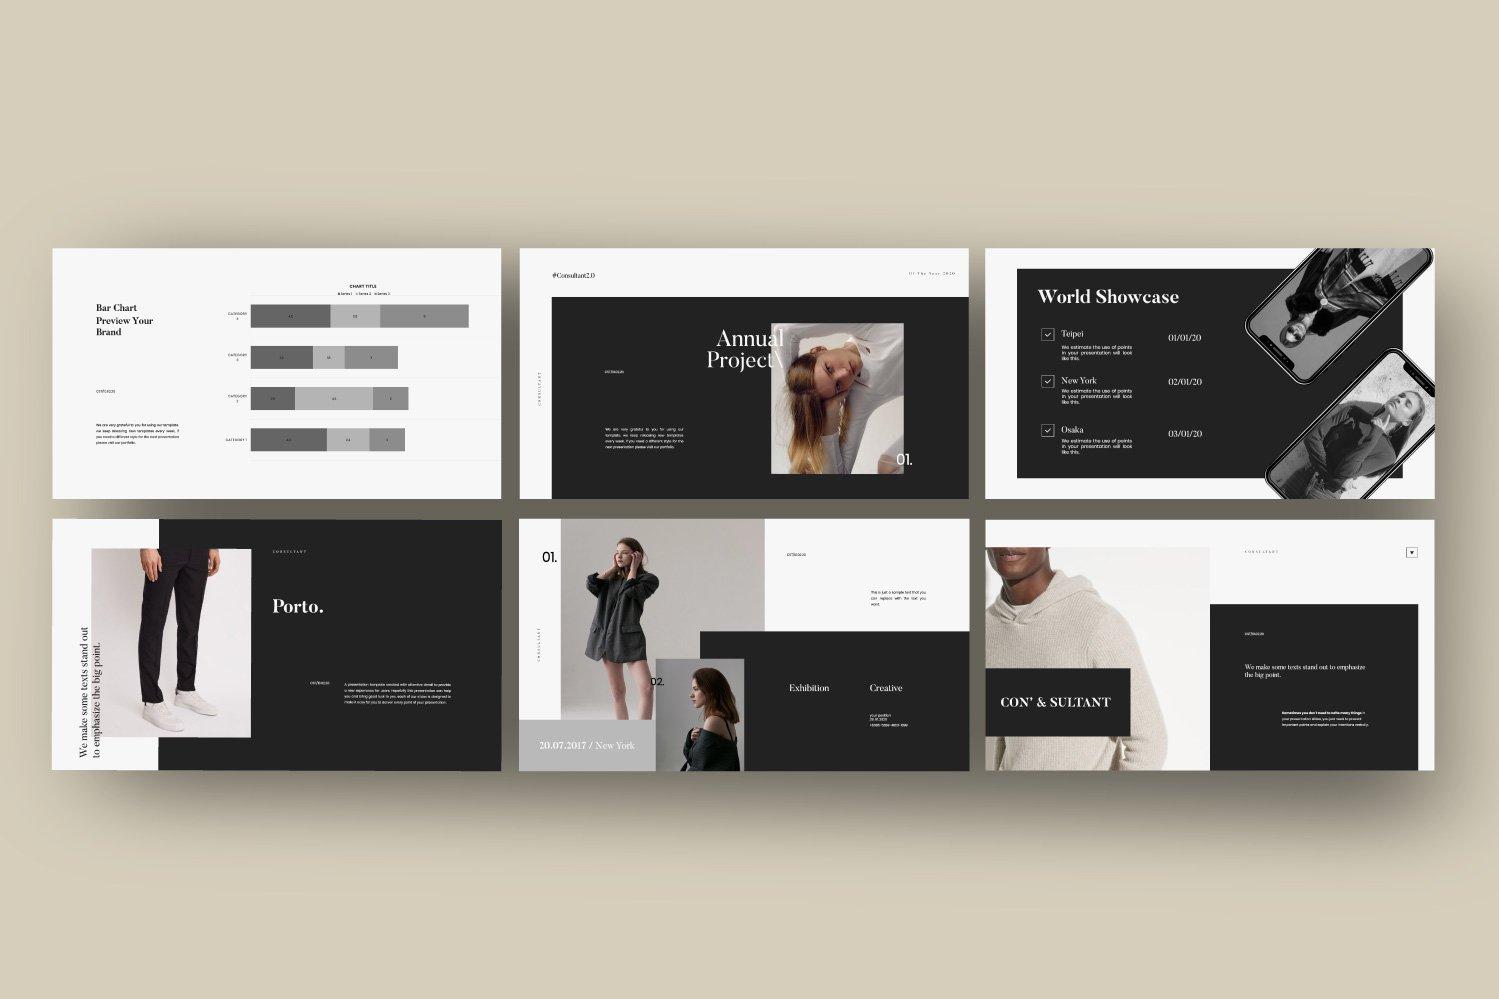 时尚服装摄影作品集设计演示文稿模板 Consultant – Powerpoint Minimalis Creative插图(3)